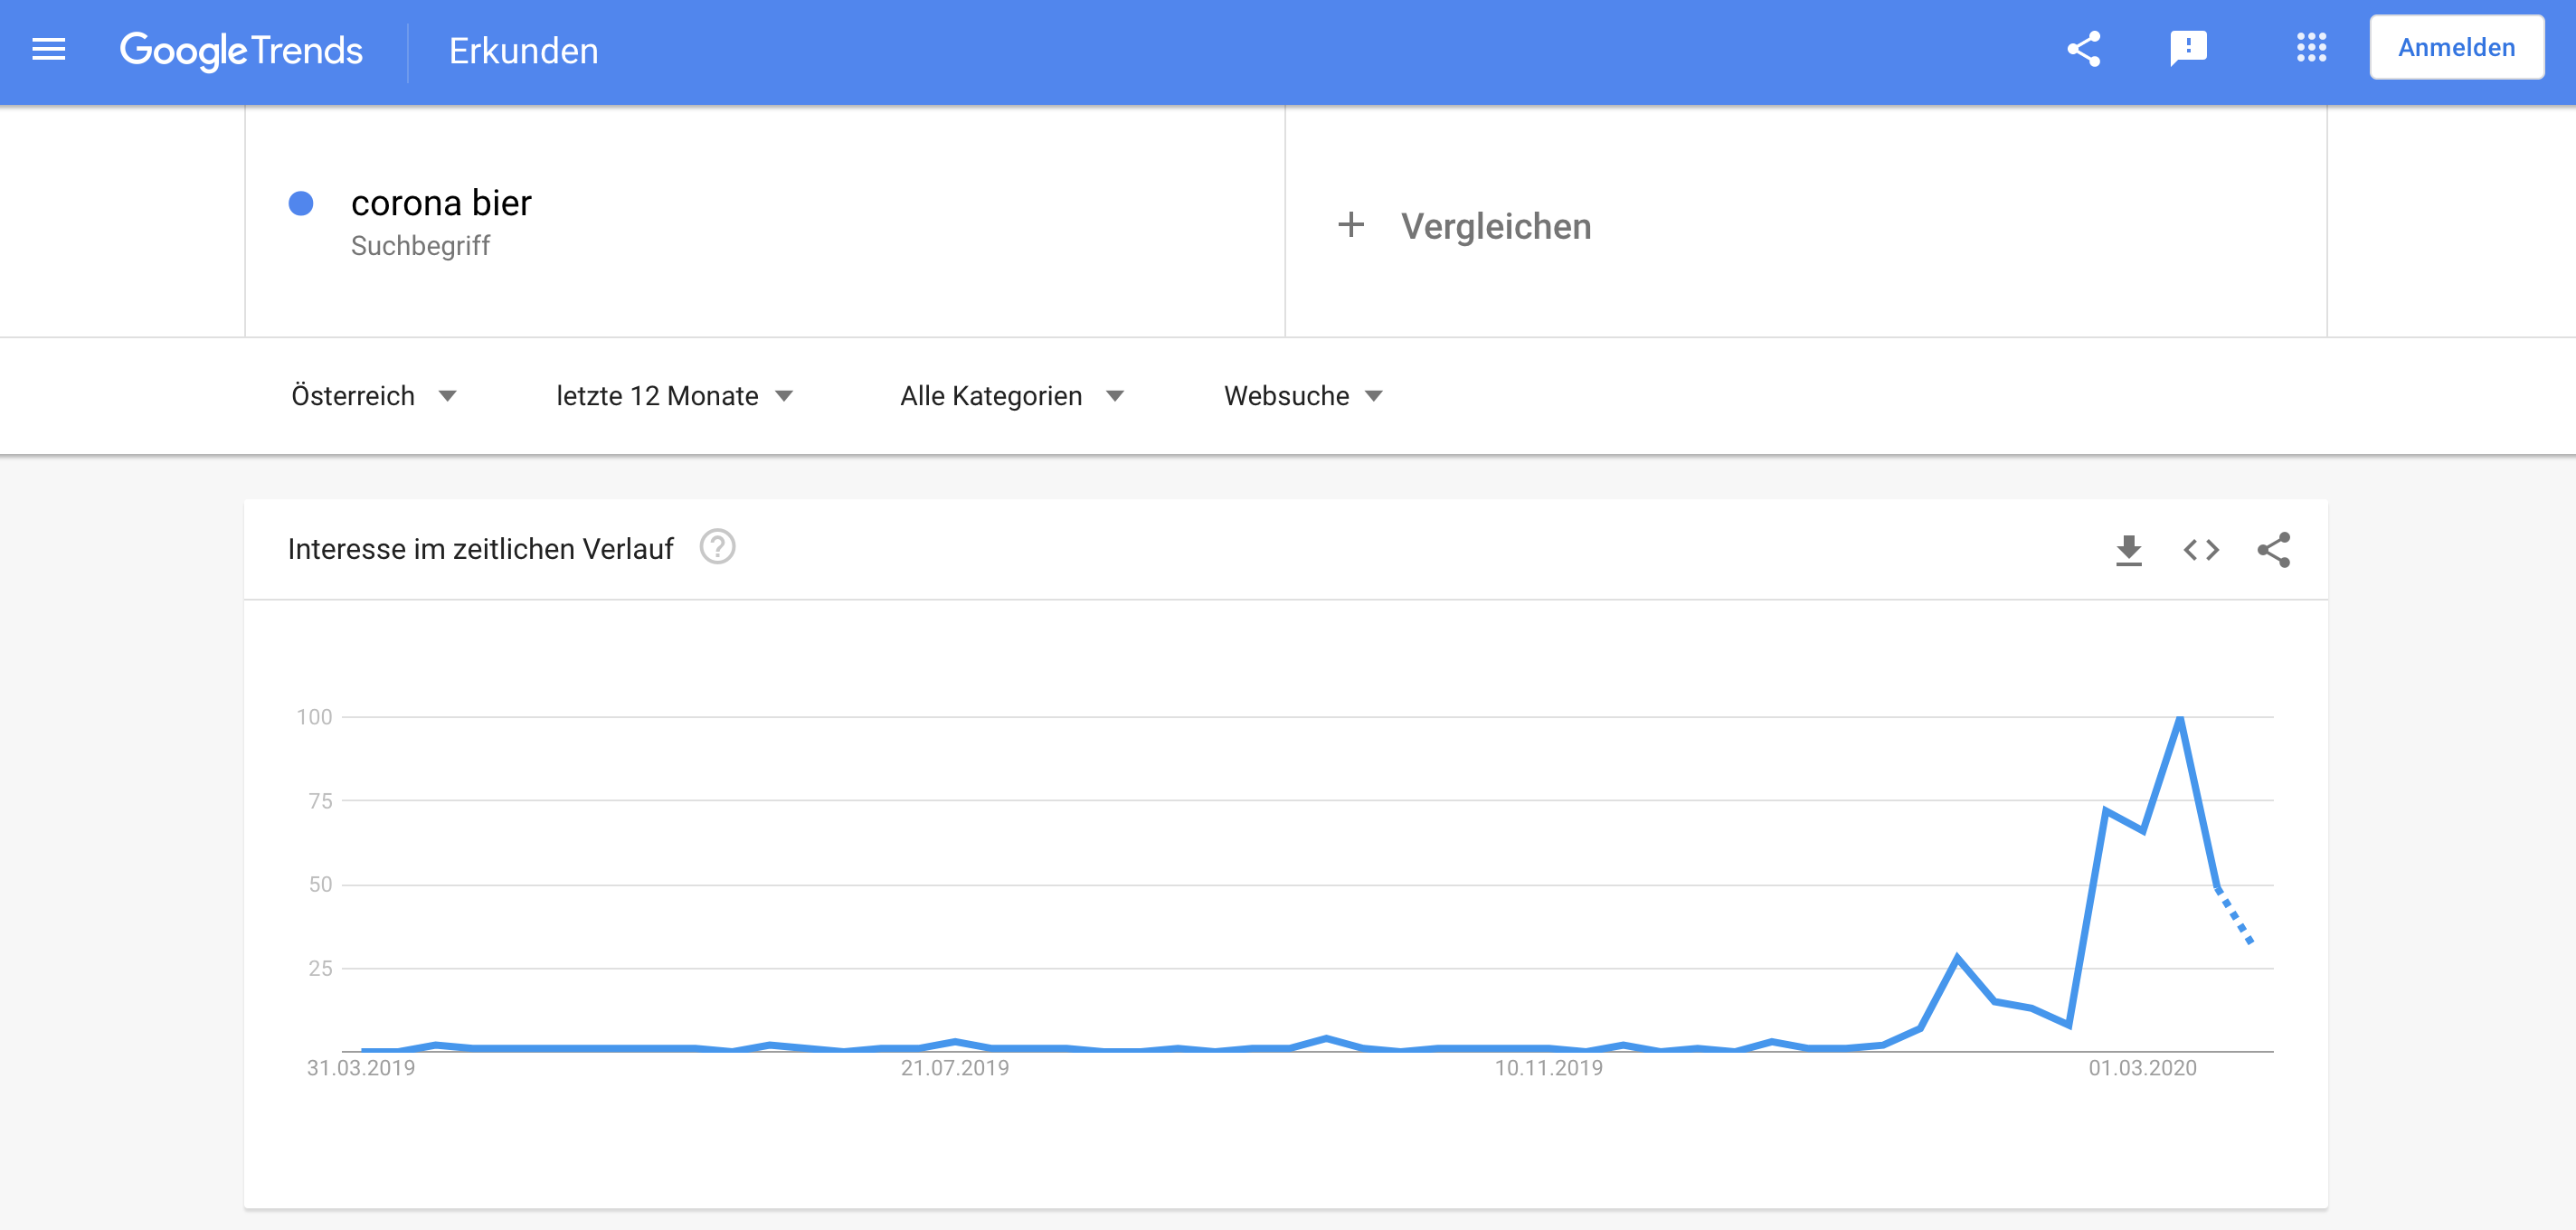 Corona Bier Google Trends